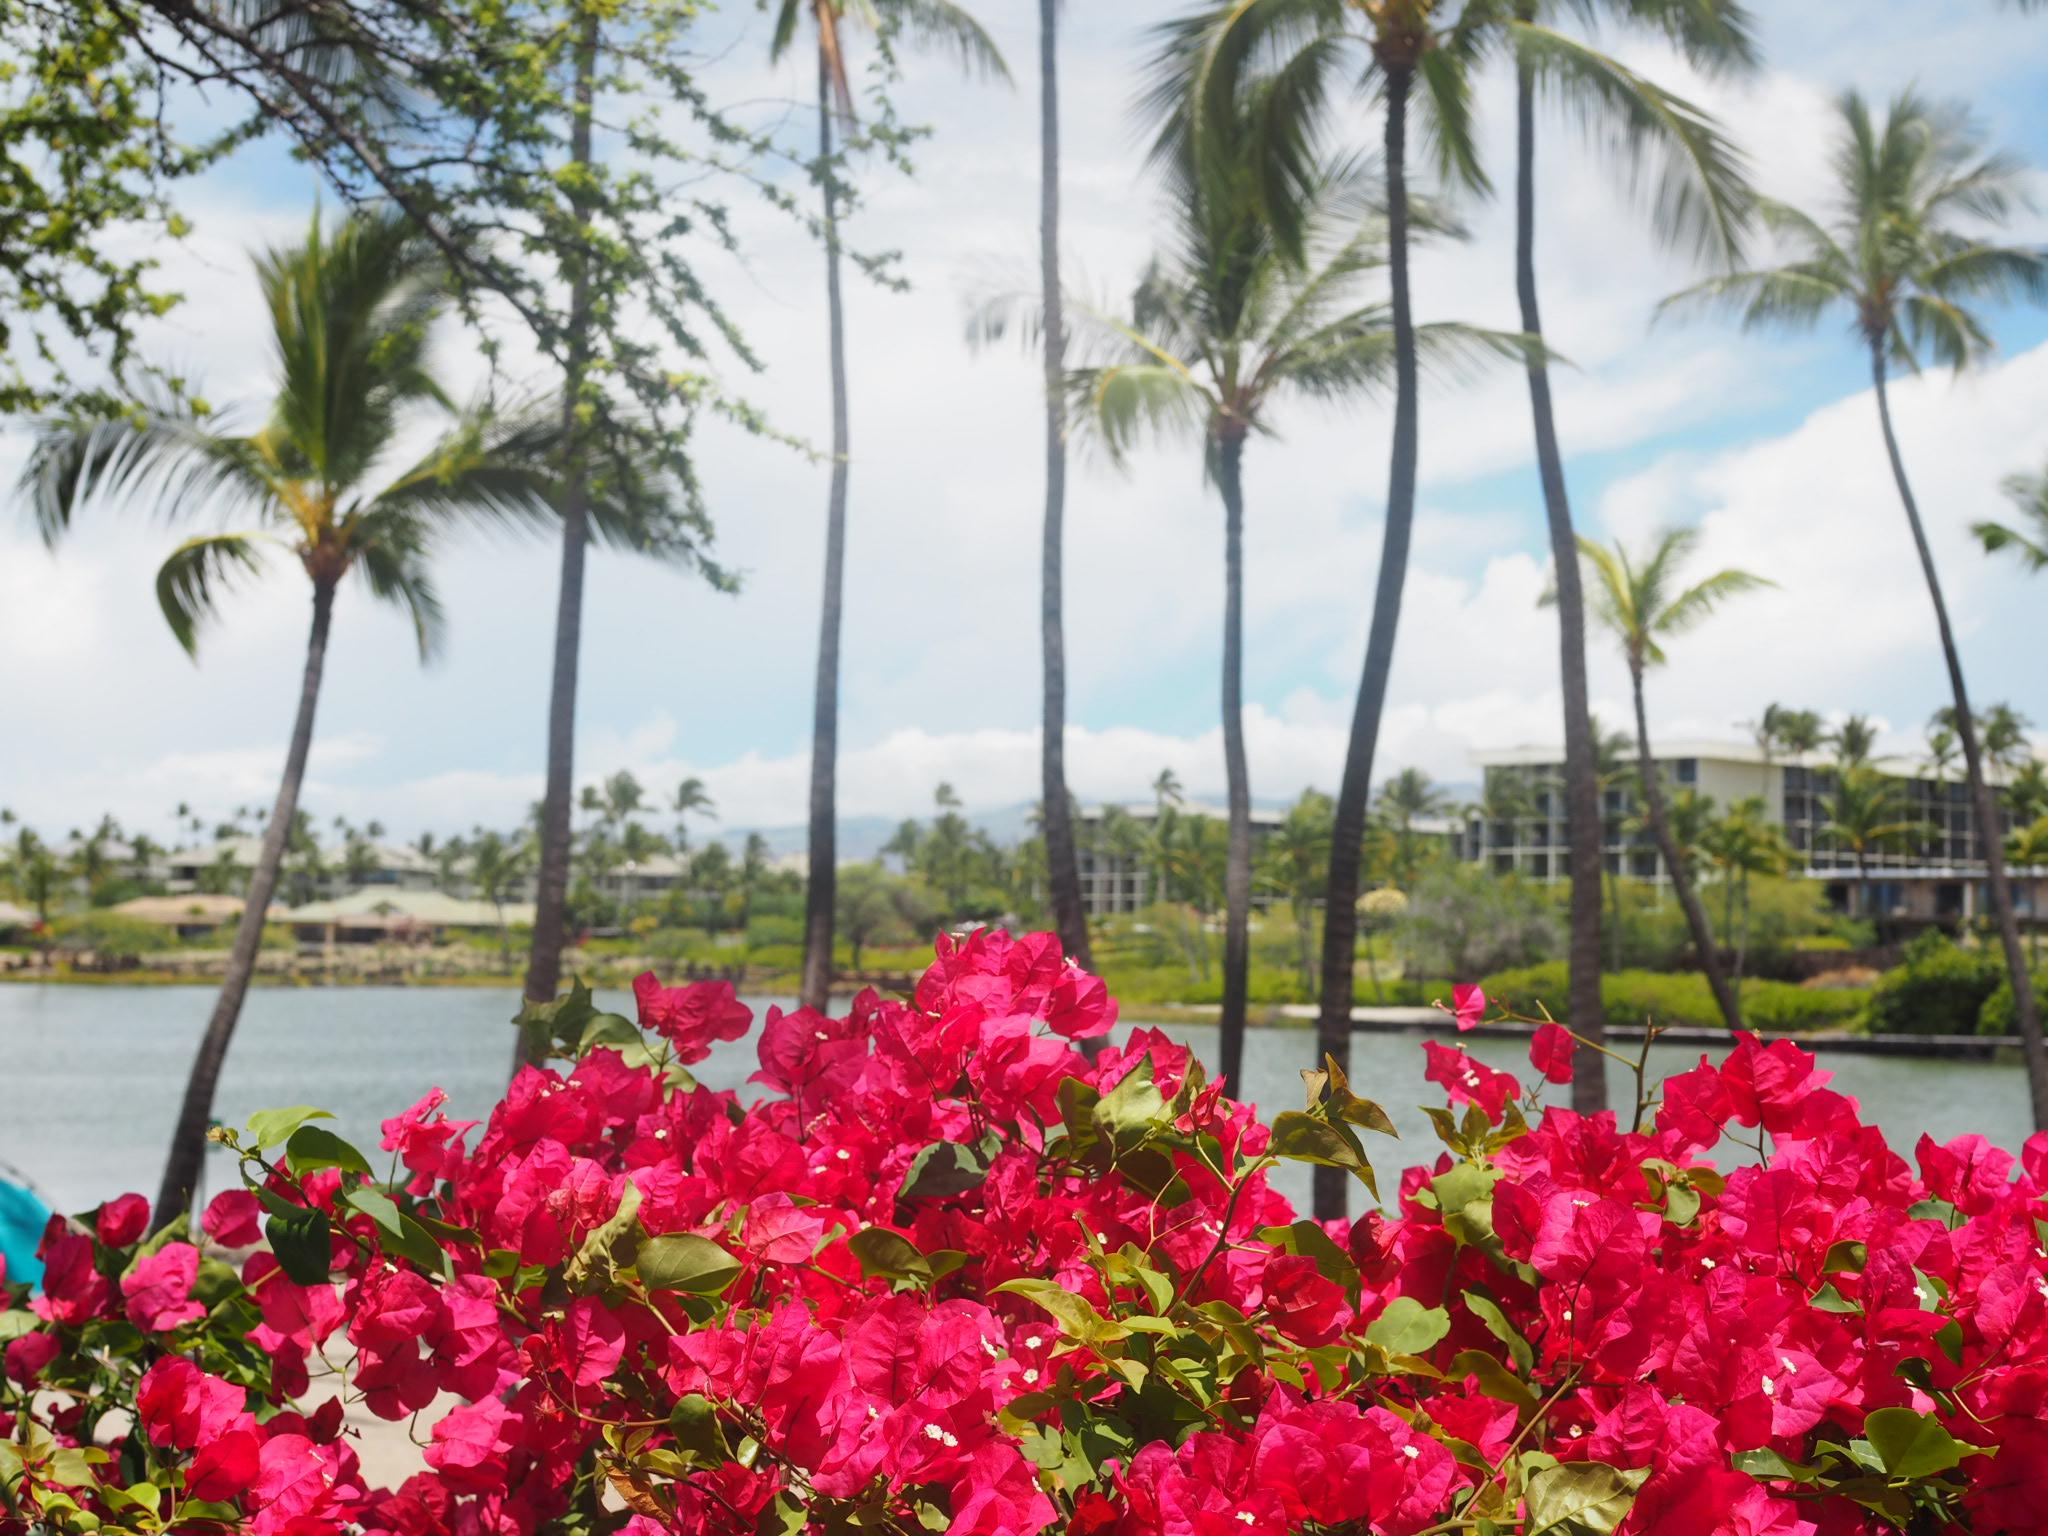 ハワイ島行ったらココ!パート②エメラルドグリーンに輝く人気のビーチへ☆